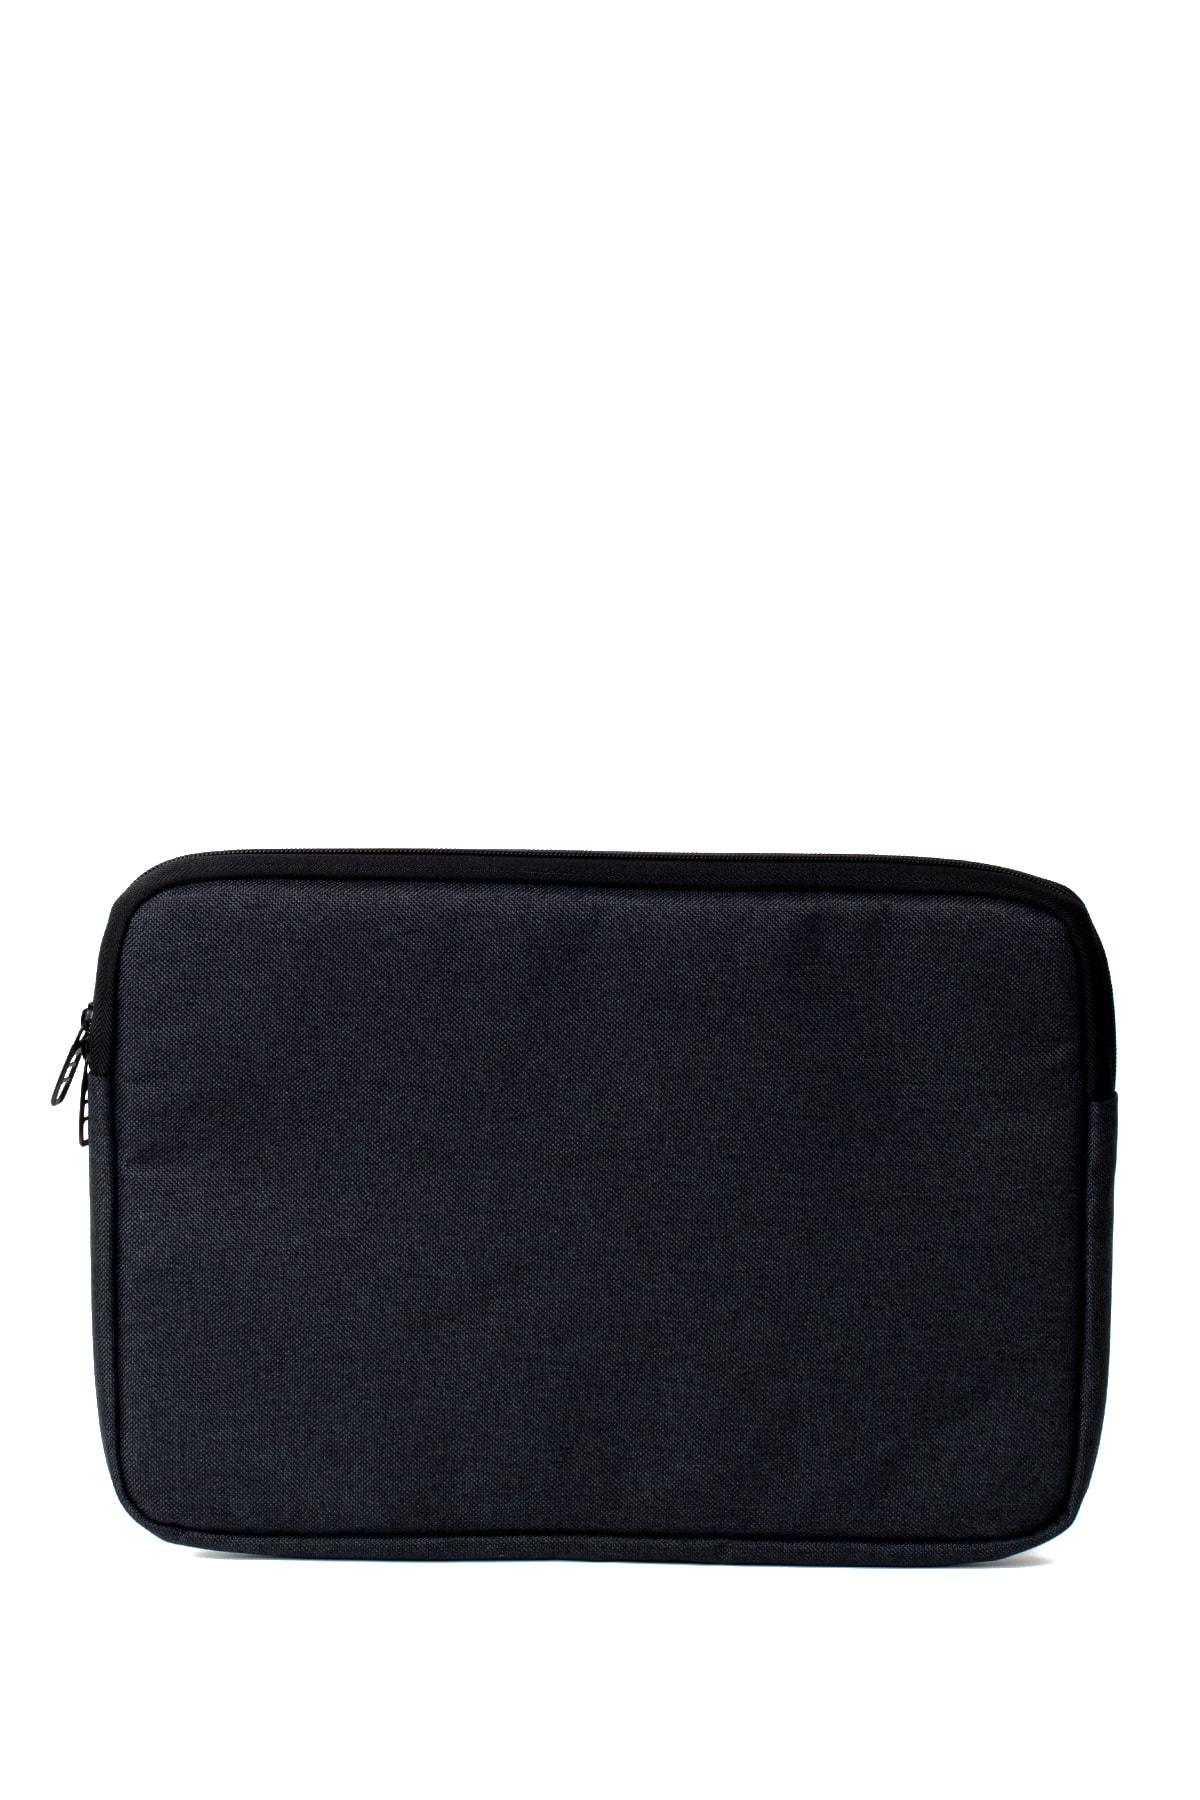 OBEV Macbook Çanta Kılıf Unisex Su Geçirmez 13 - 13.3 - 14 Inç Uyumlu Notebook Çantası Laptop Çantası 1